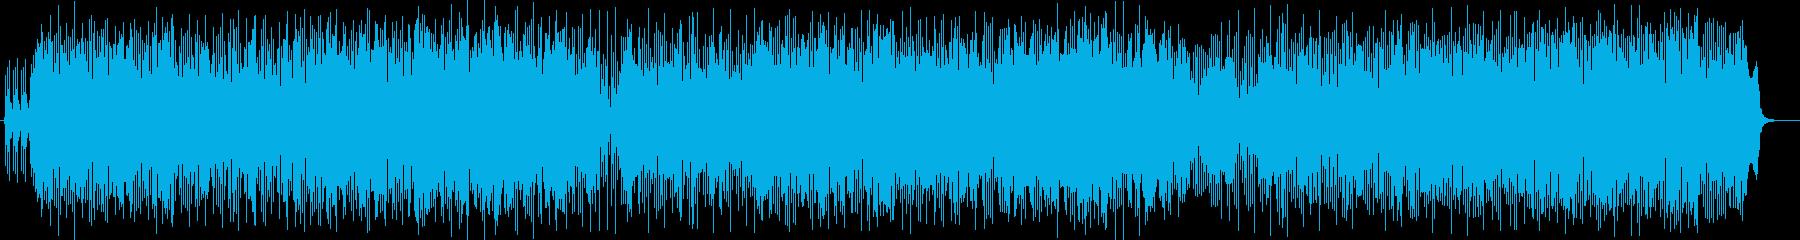 躍動感がある吹奏楽とシンセのポップな曲の再生済みの波形